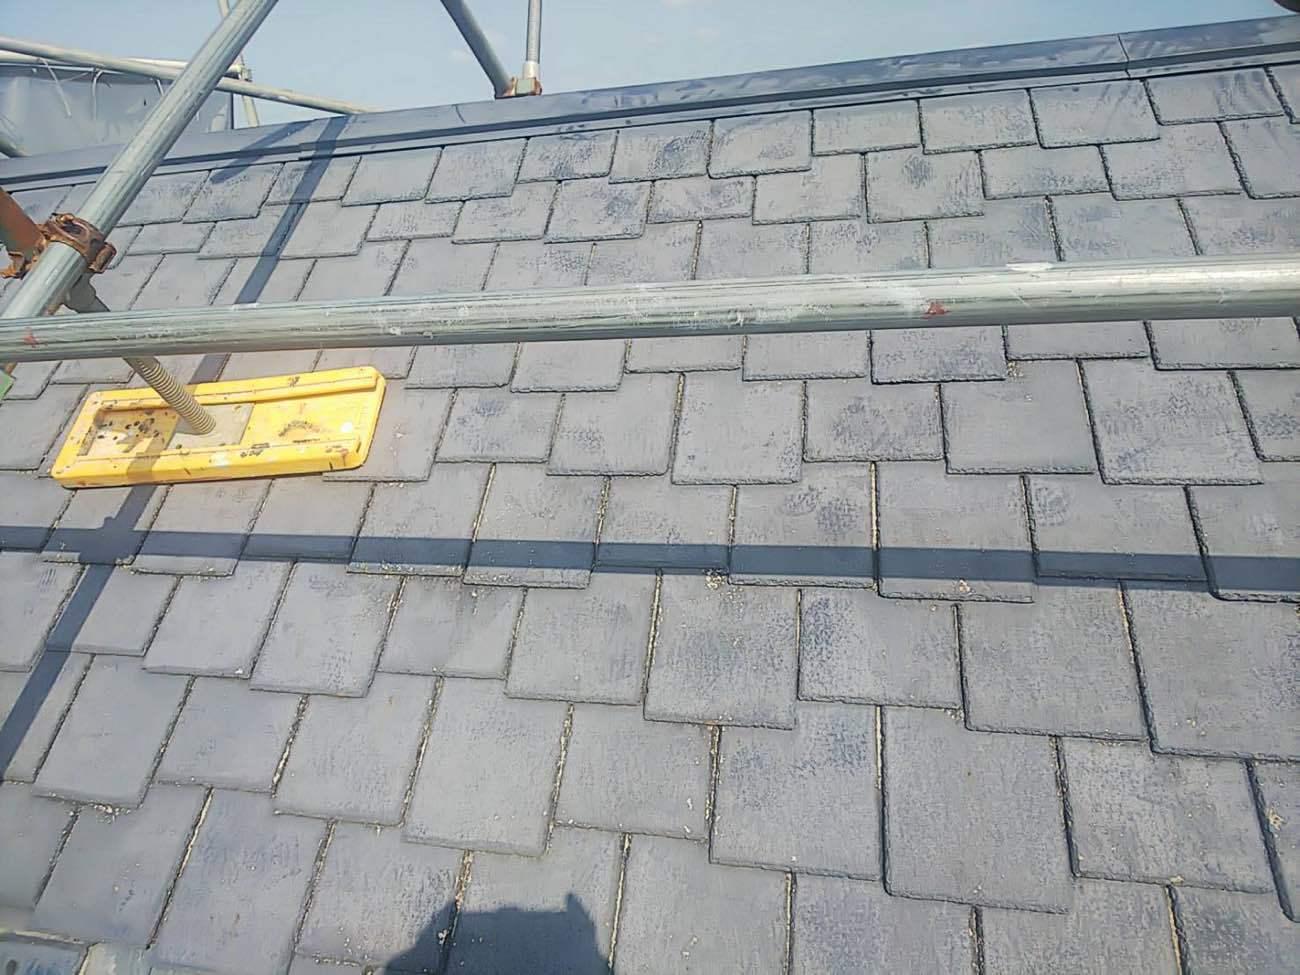 みよし市にてスレートから板金への屋根の葺き替え工事がスタート